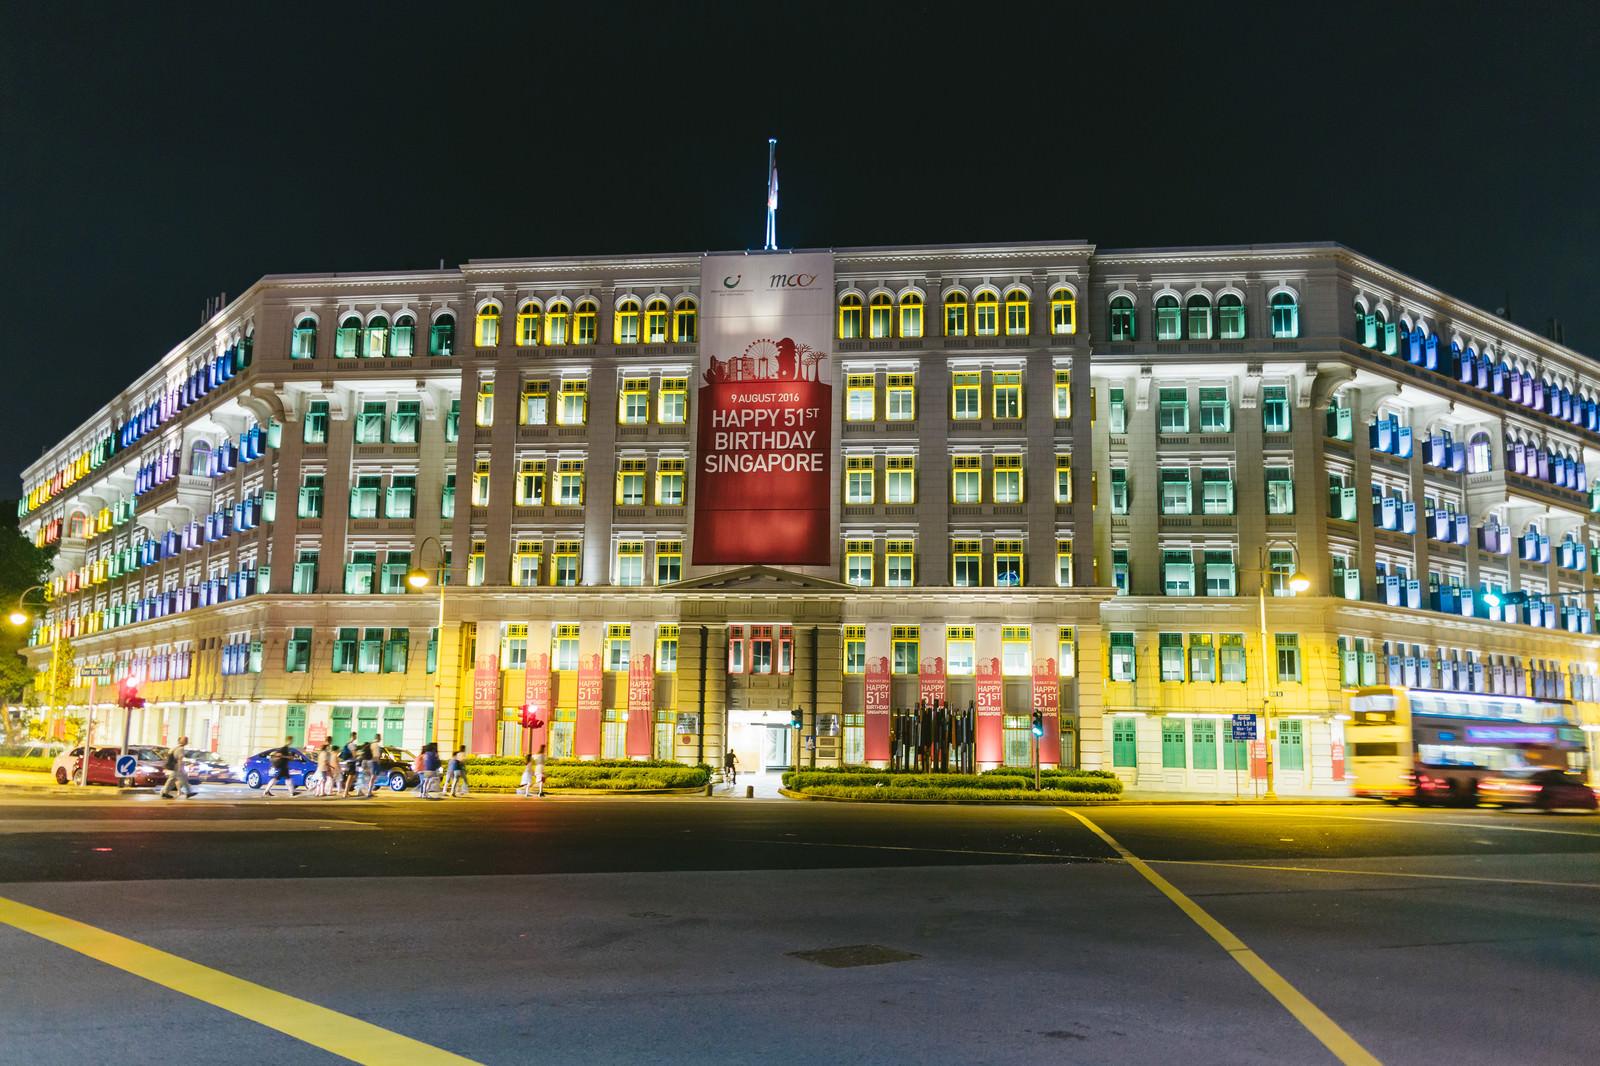 「シンガポールのカラフルなビル(ライトアップ)」の写真